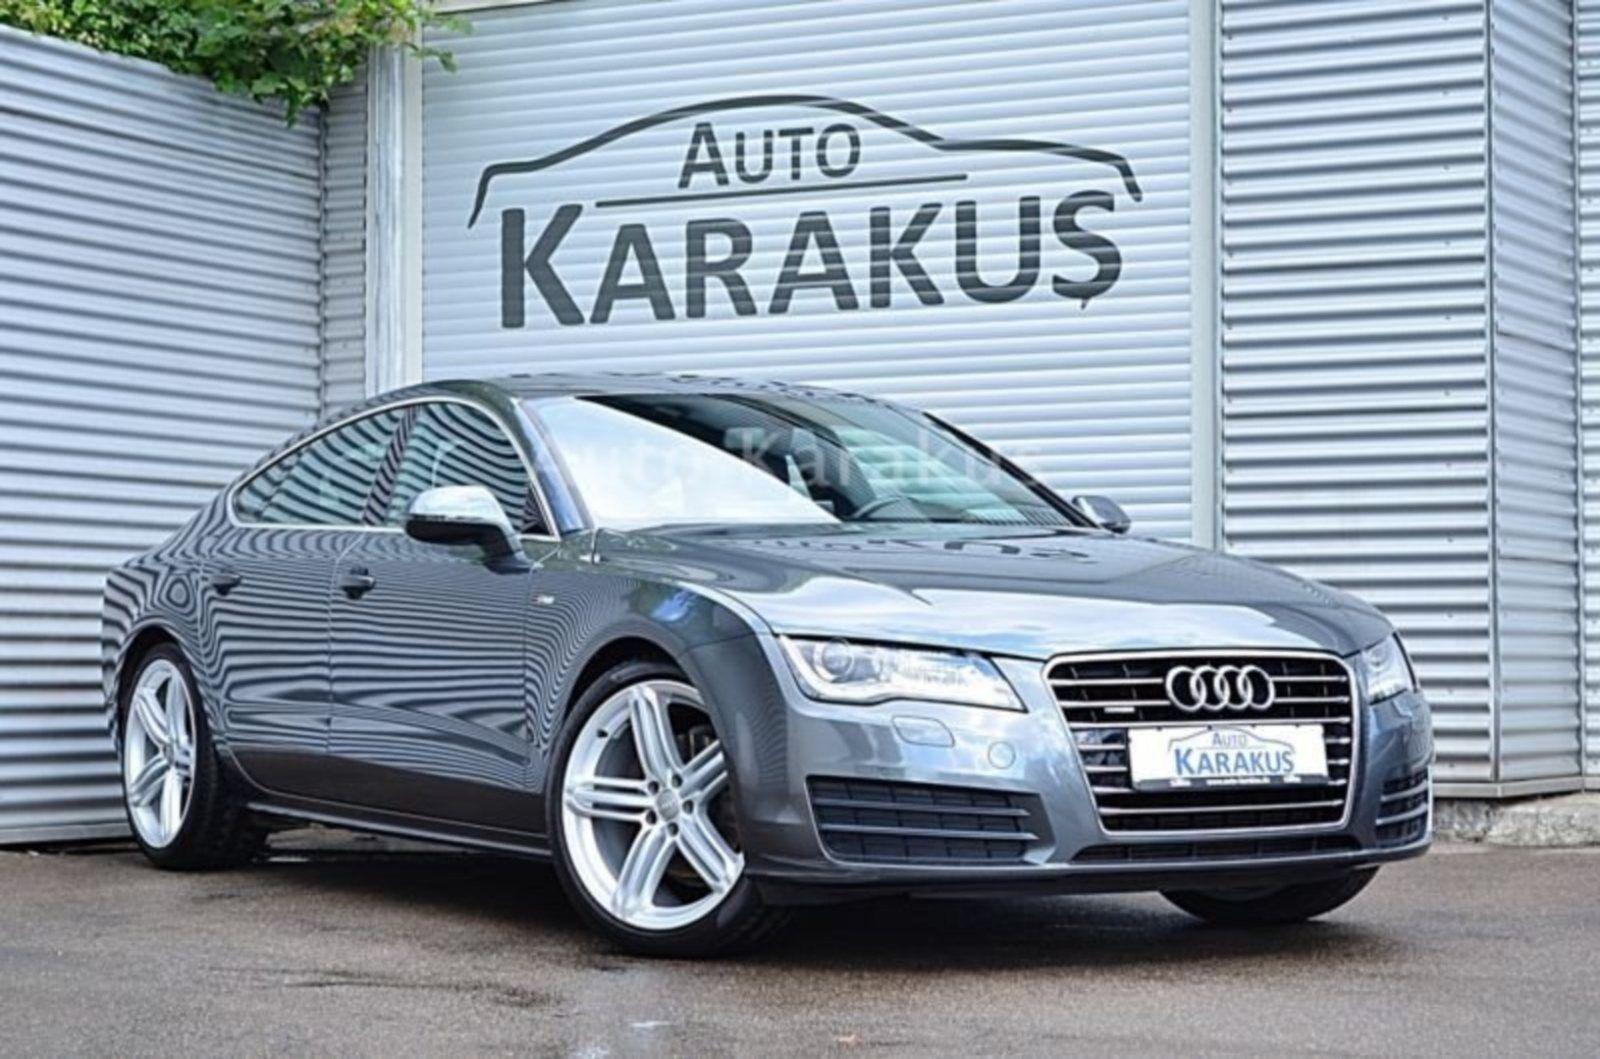 Audi A7 3,0 TDi 204 SB Multitr. 5d - 2.995 kr.